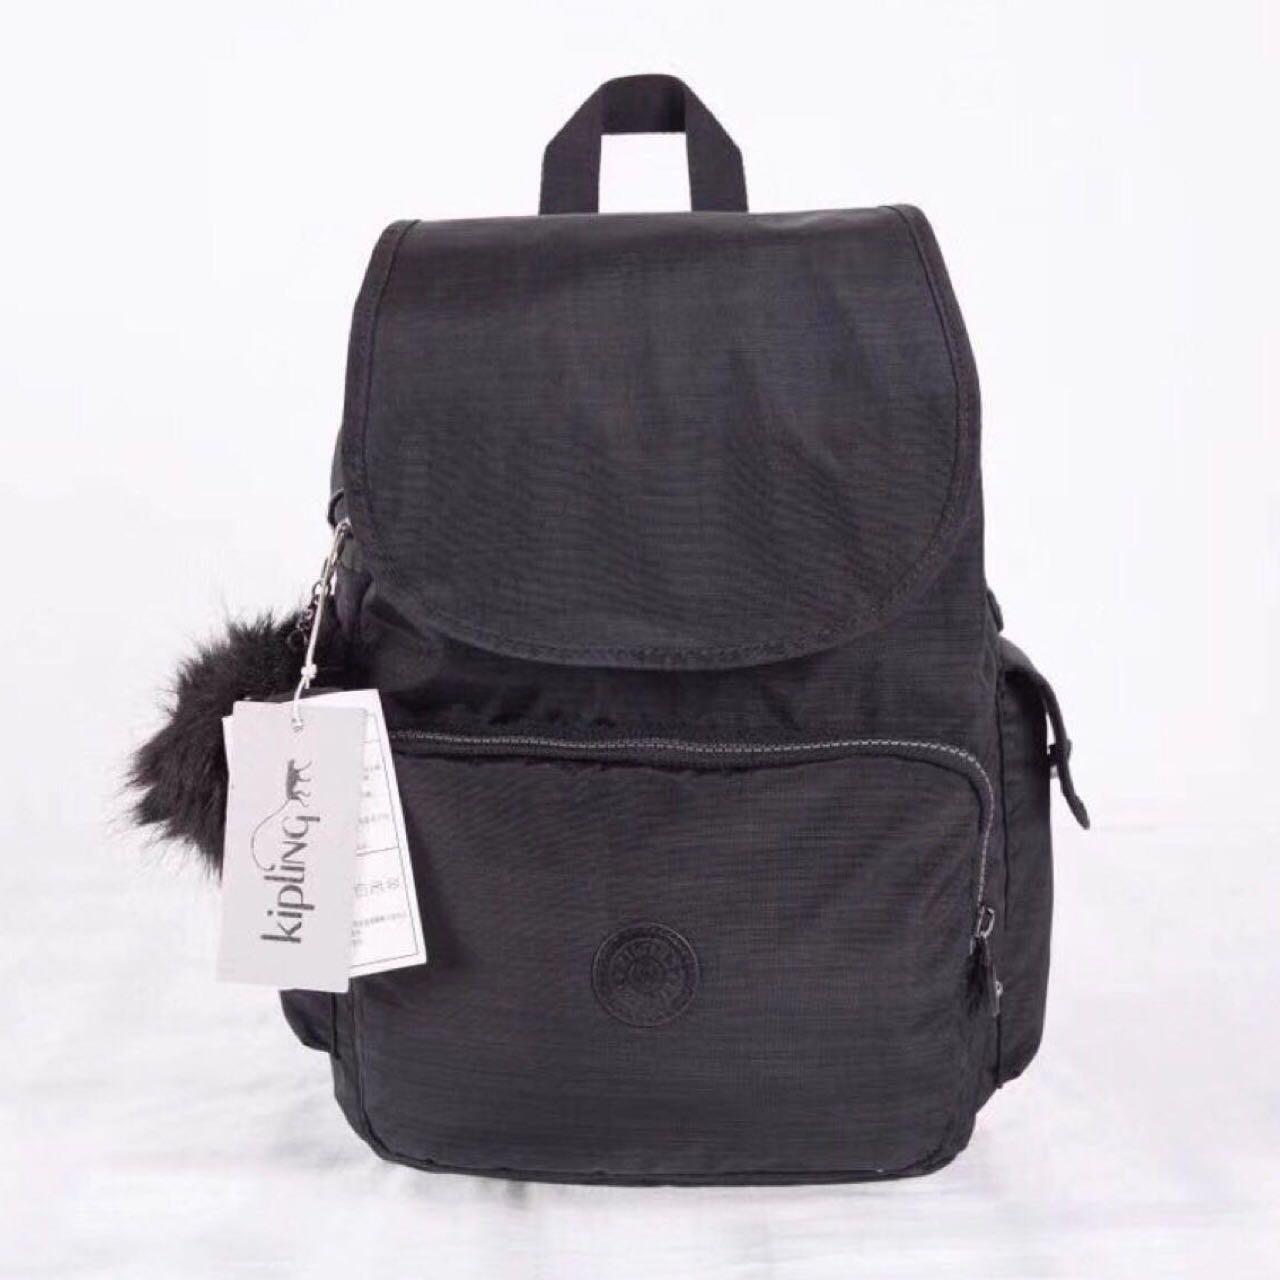 Kipling 猴子包 亞麻黑 多用輕量雙肩後背包 旅行 防水 限時優惠